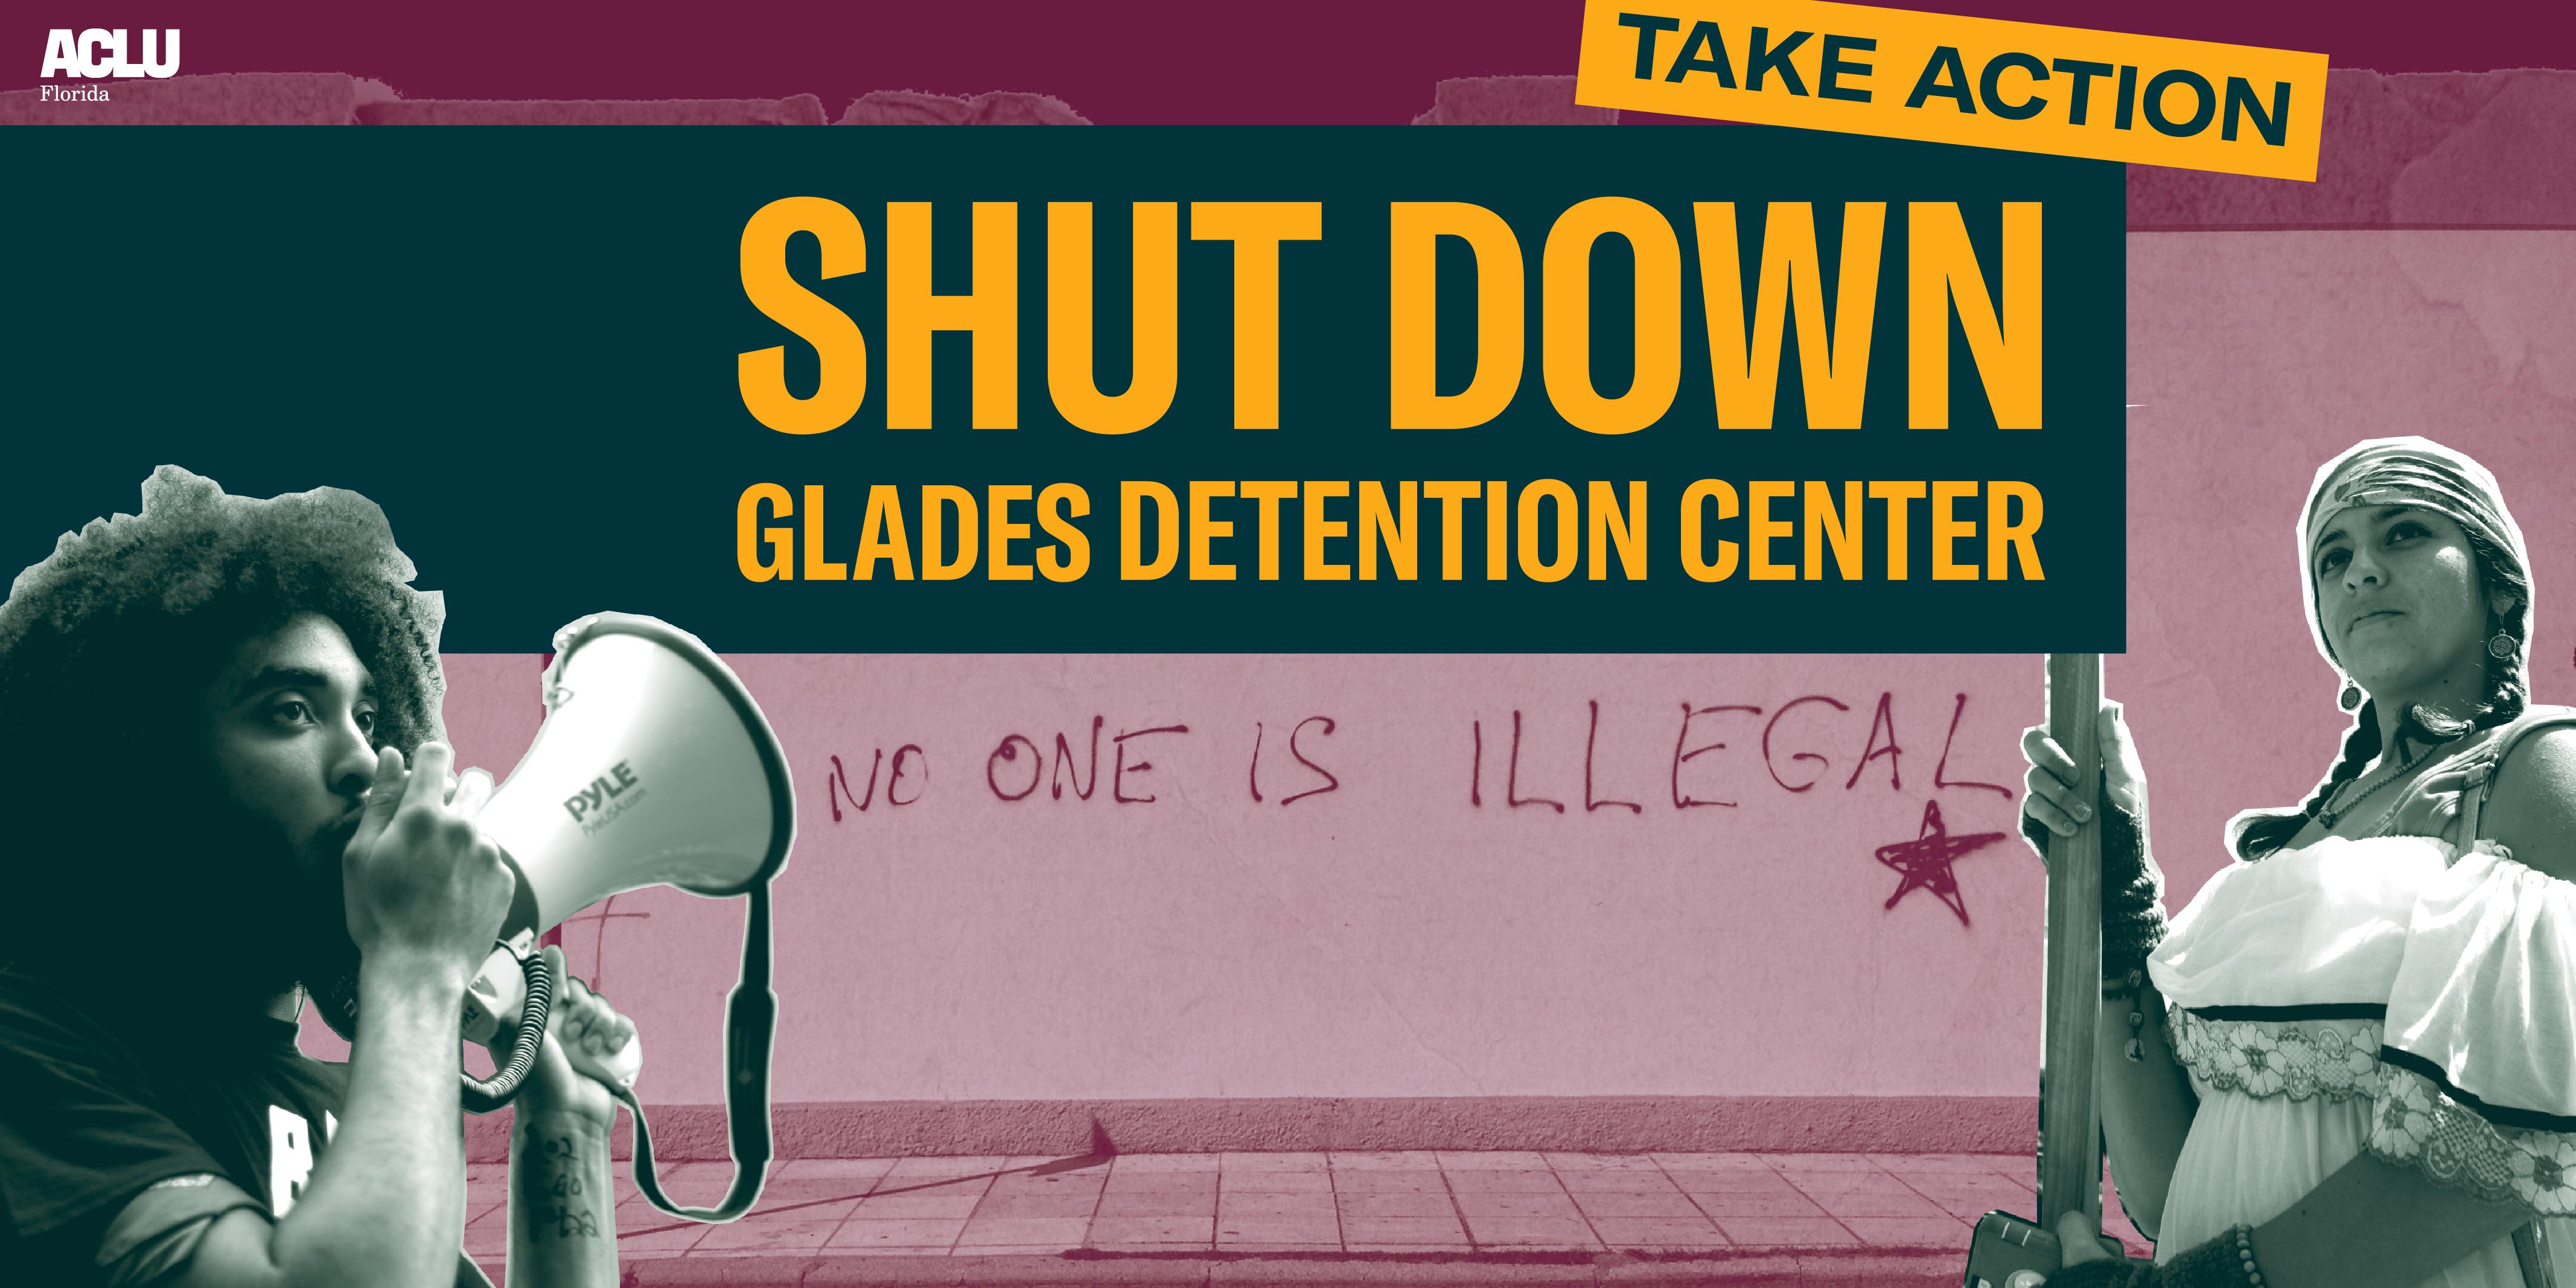 Shut Down Glades Detention Center